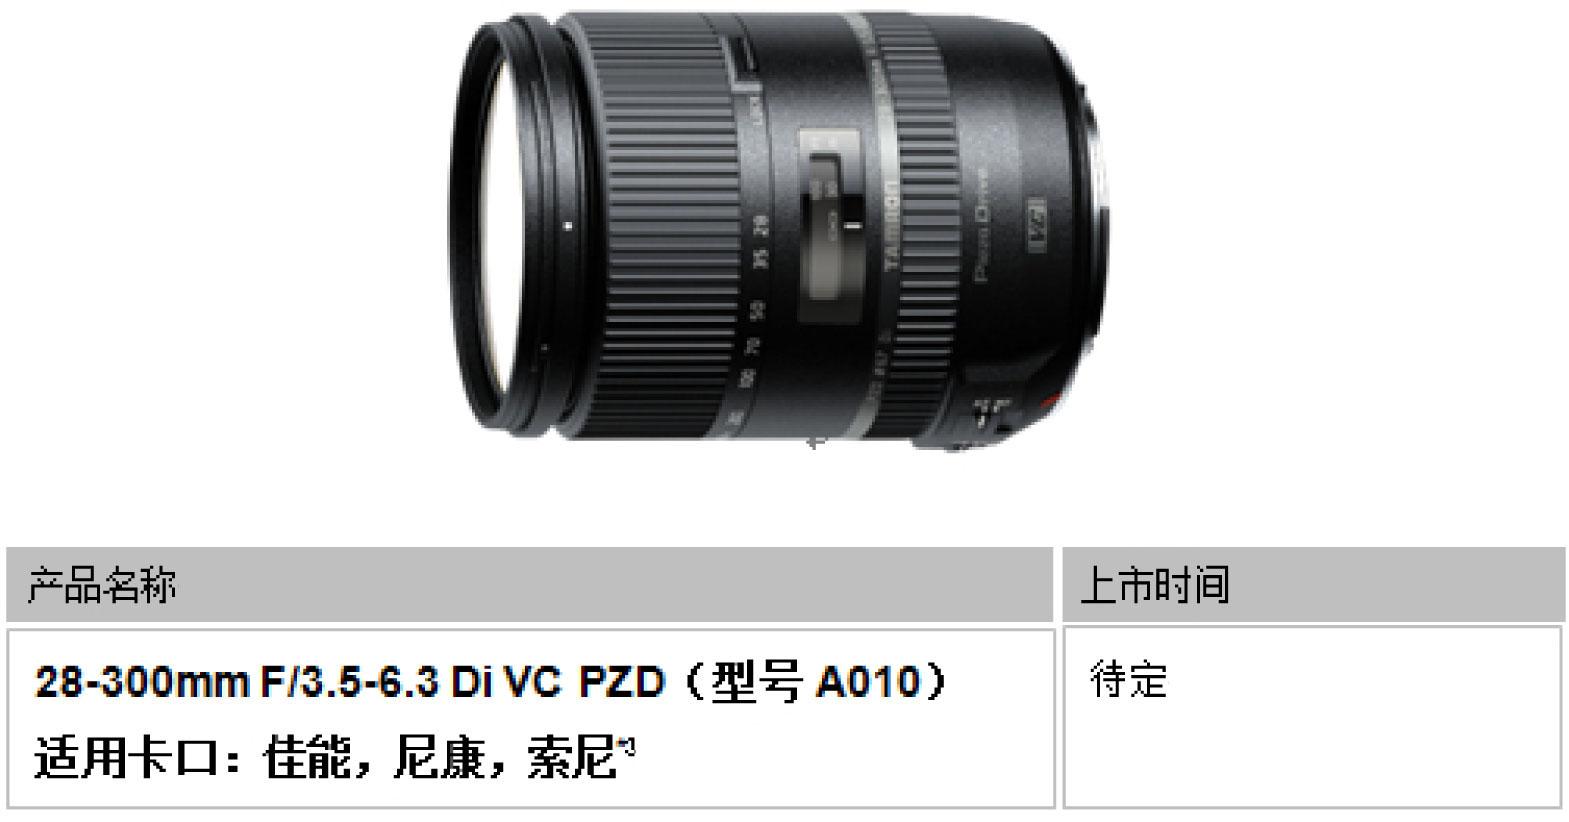 腾龙宣布开发适用全幅单反相机变焦镜头